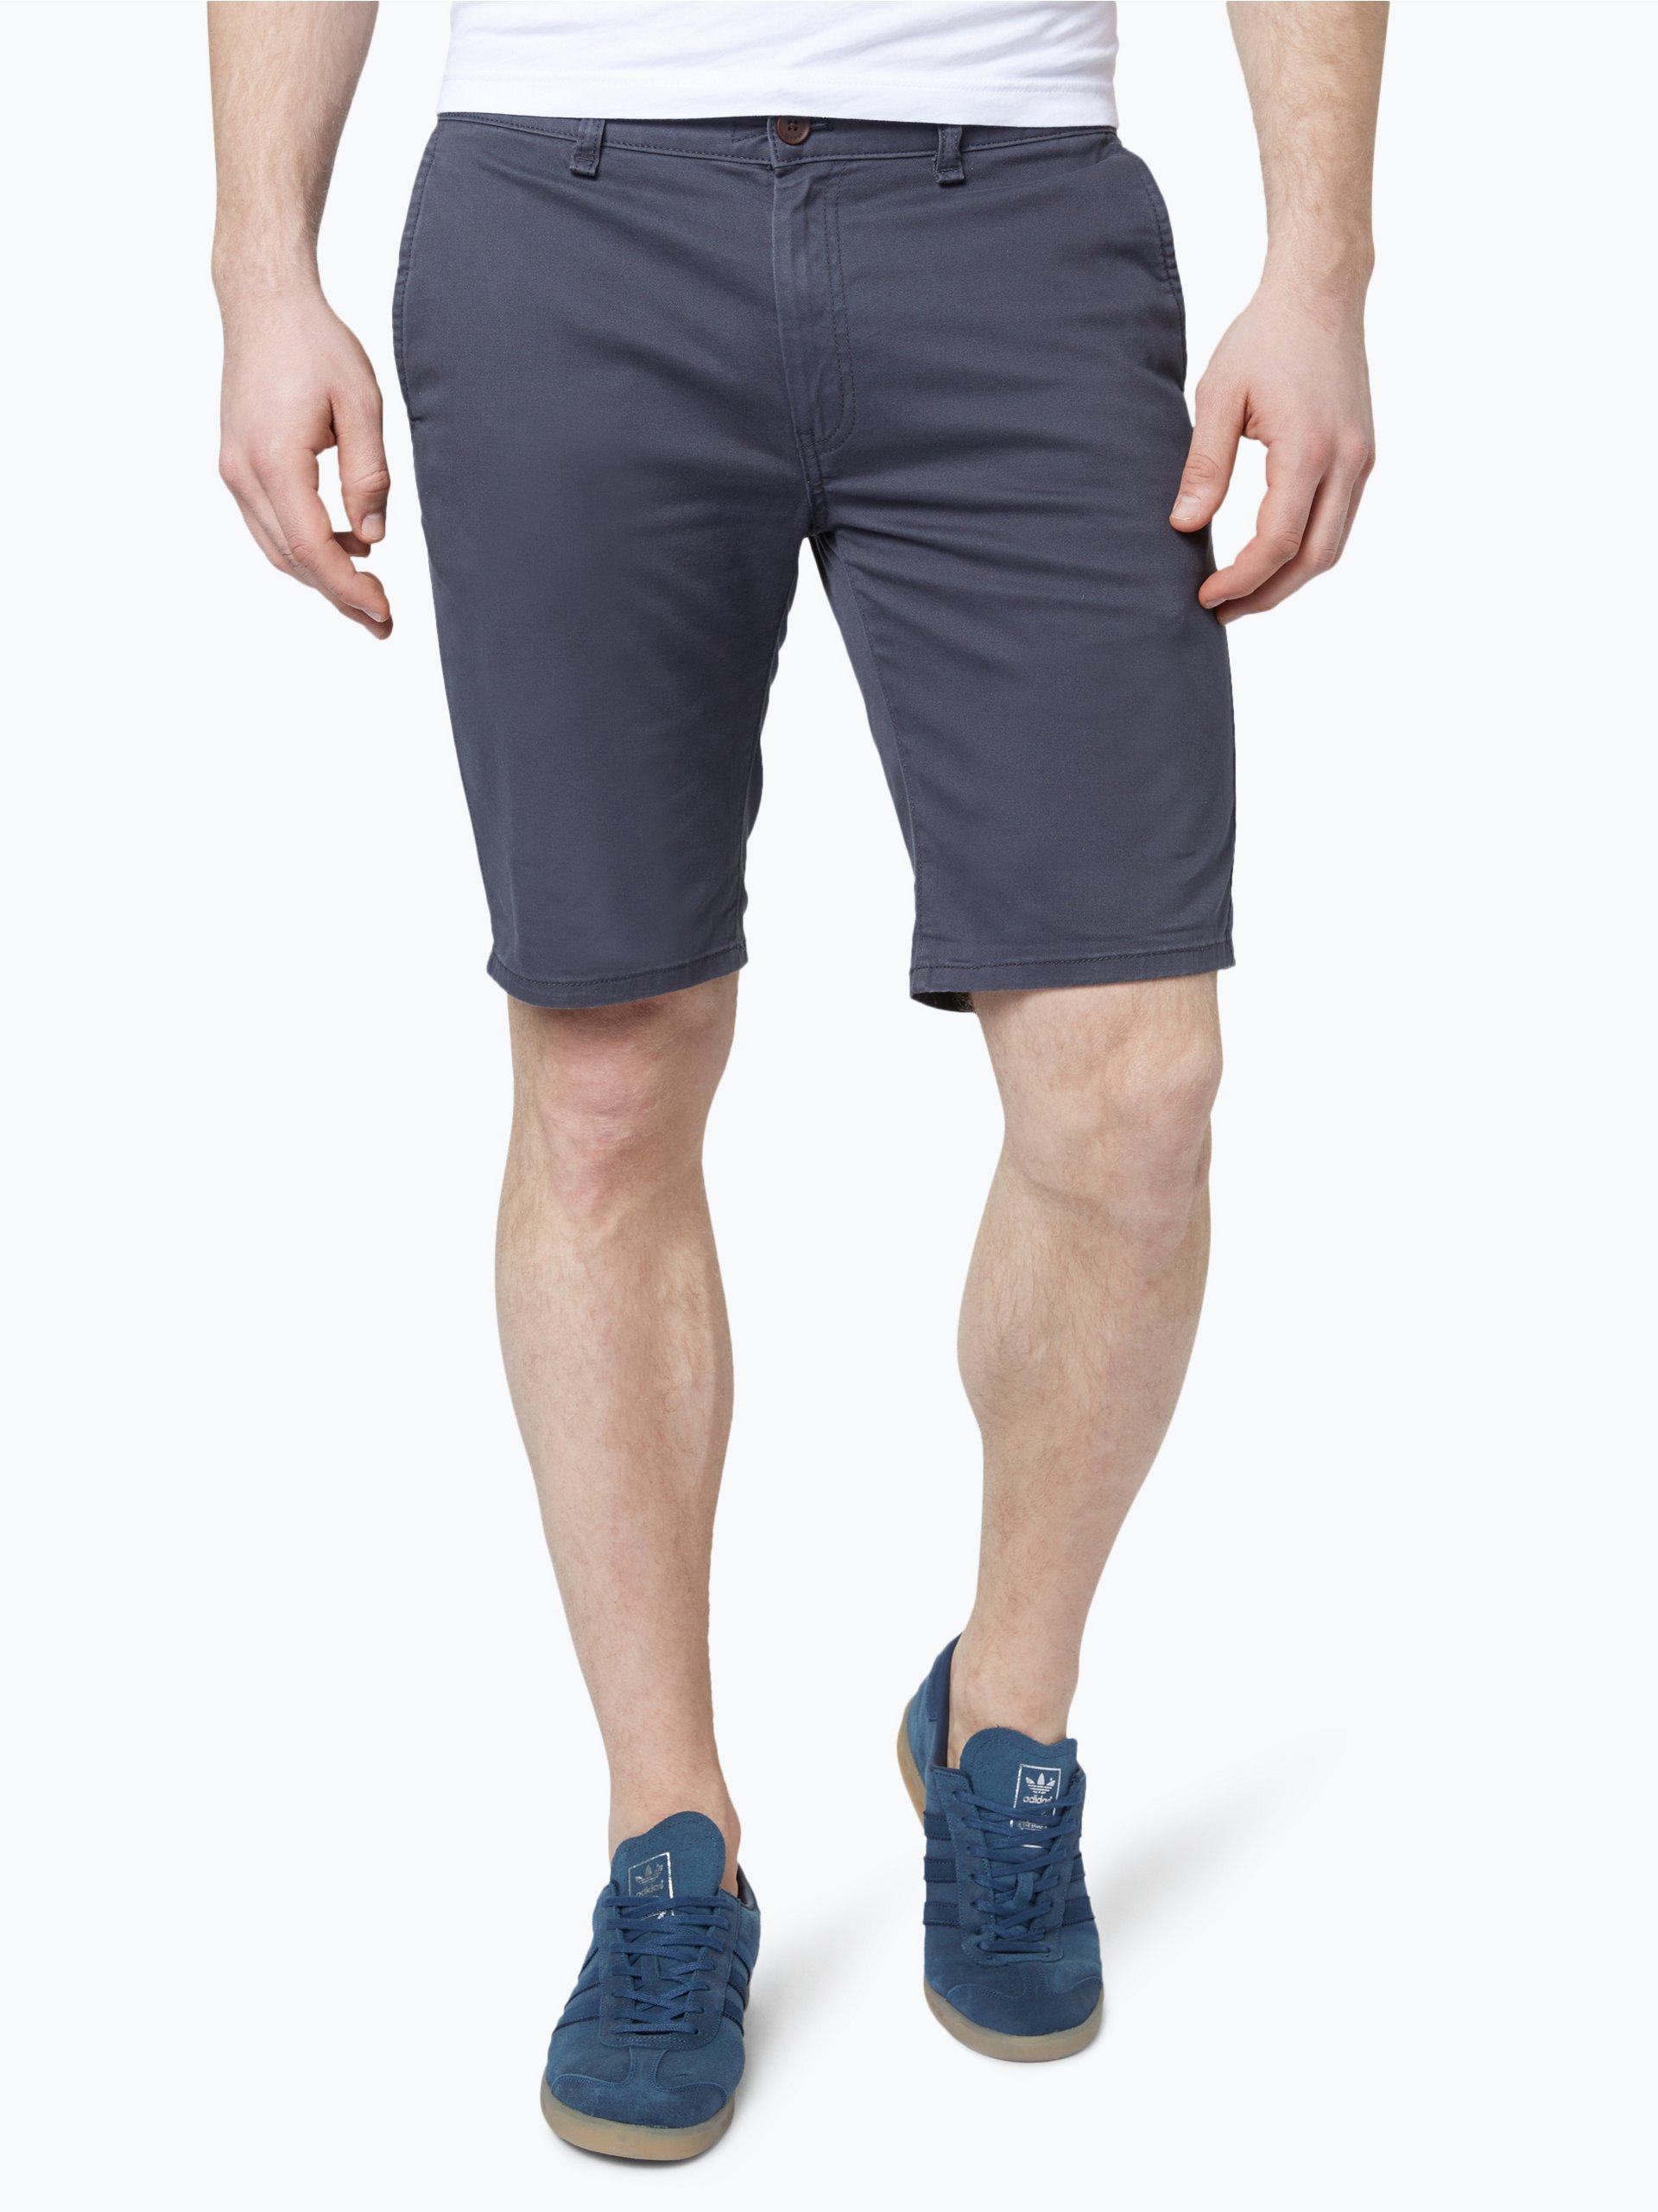 hilfiger denim herren shorts anthrazit uni online kaufen vangraaf com. Black Bedroom Furniture Sets. Home Design Ideas